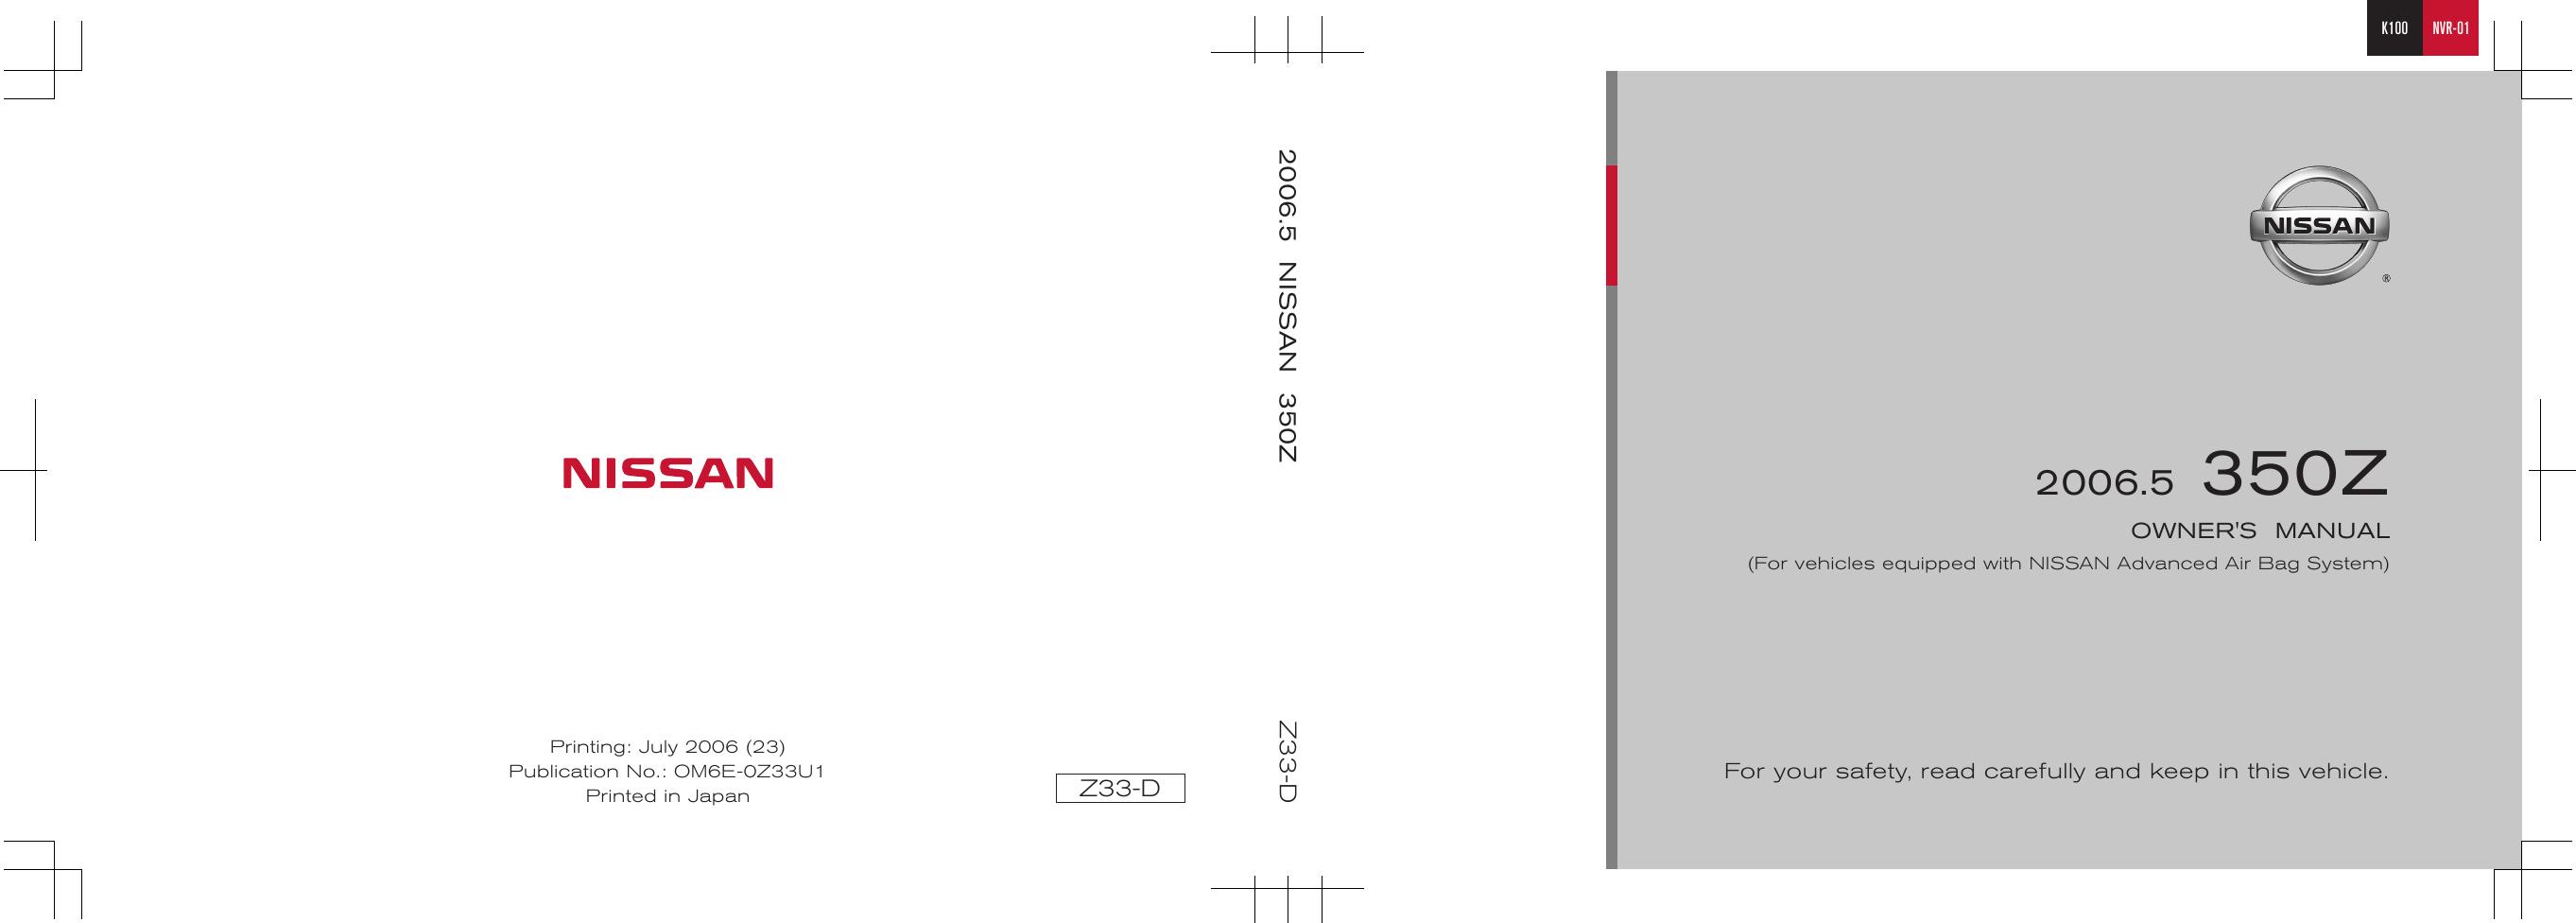 Cc8e manual